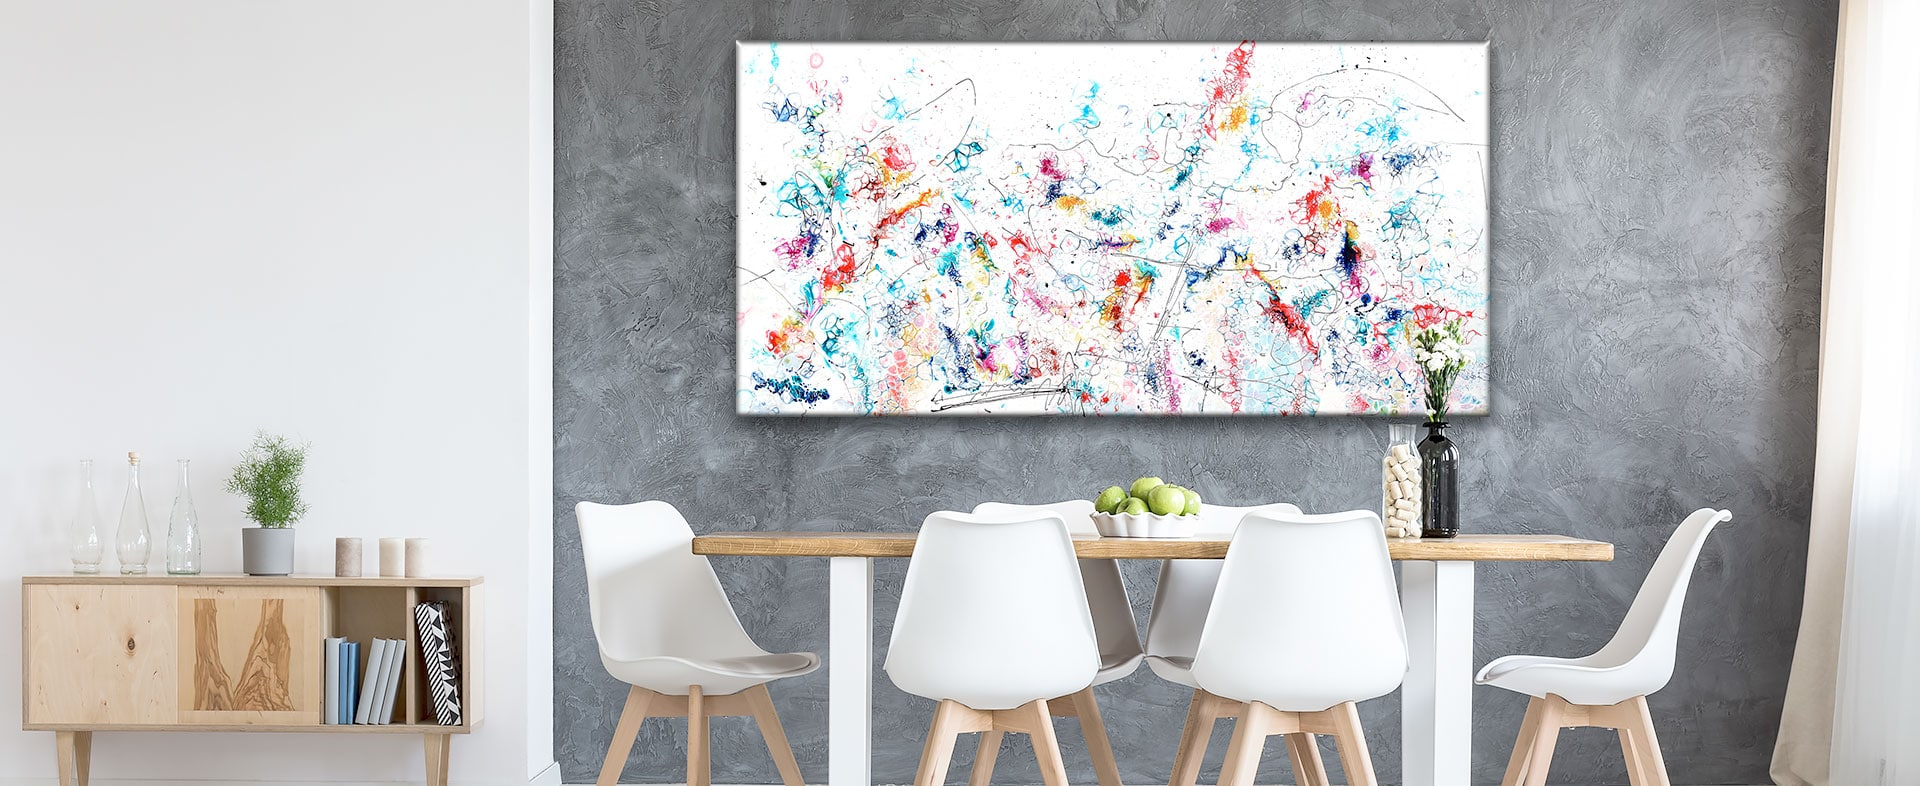 Små og store malerier til salg